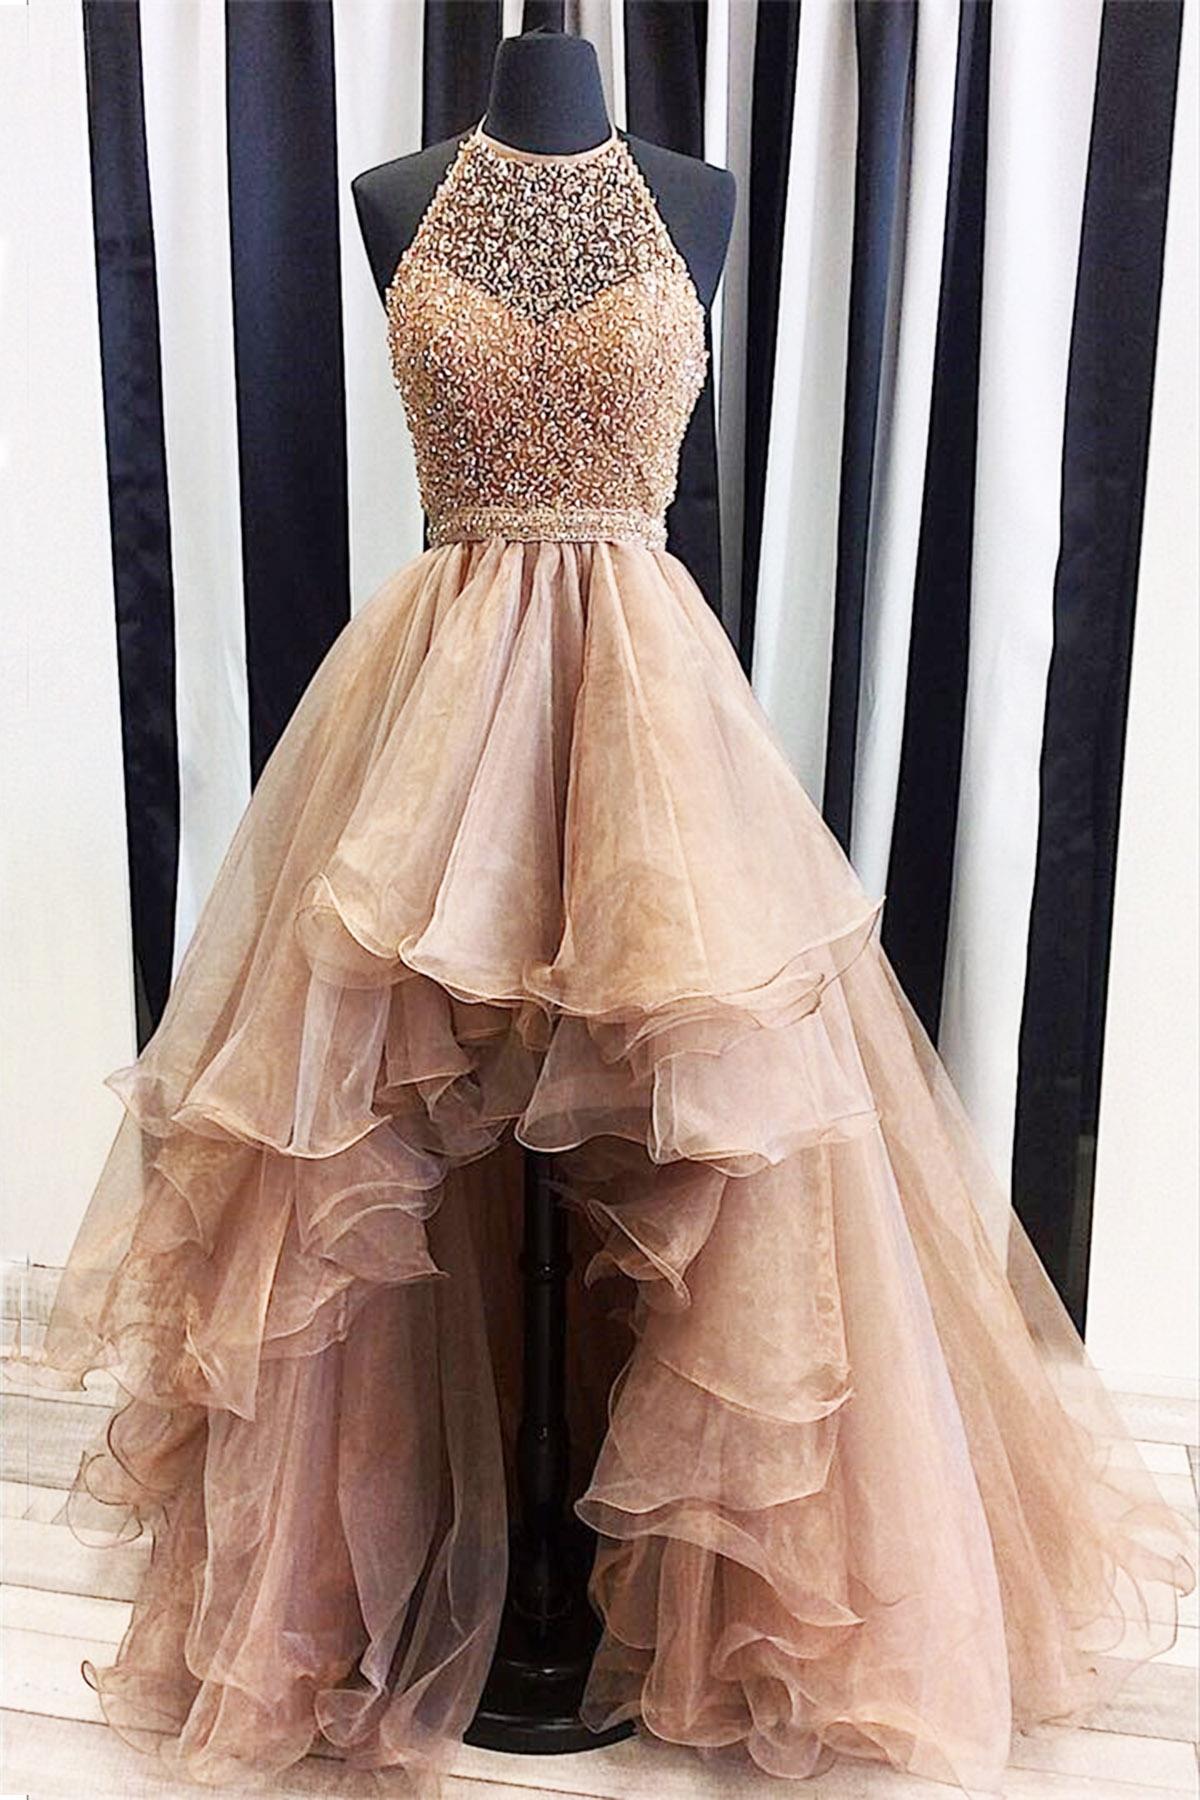 Sky Blue Satin Halter Neck Long Fashion Prom Dress - Promfy